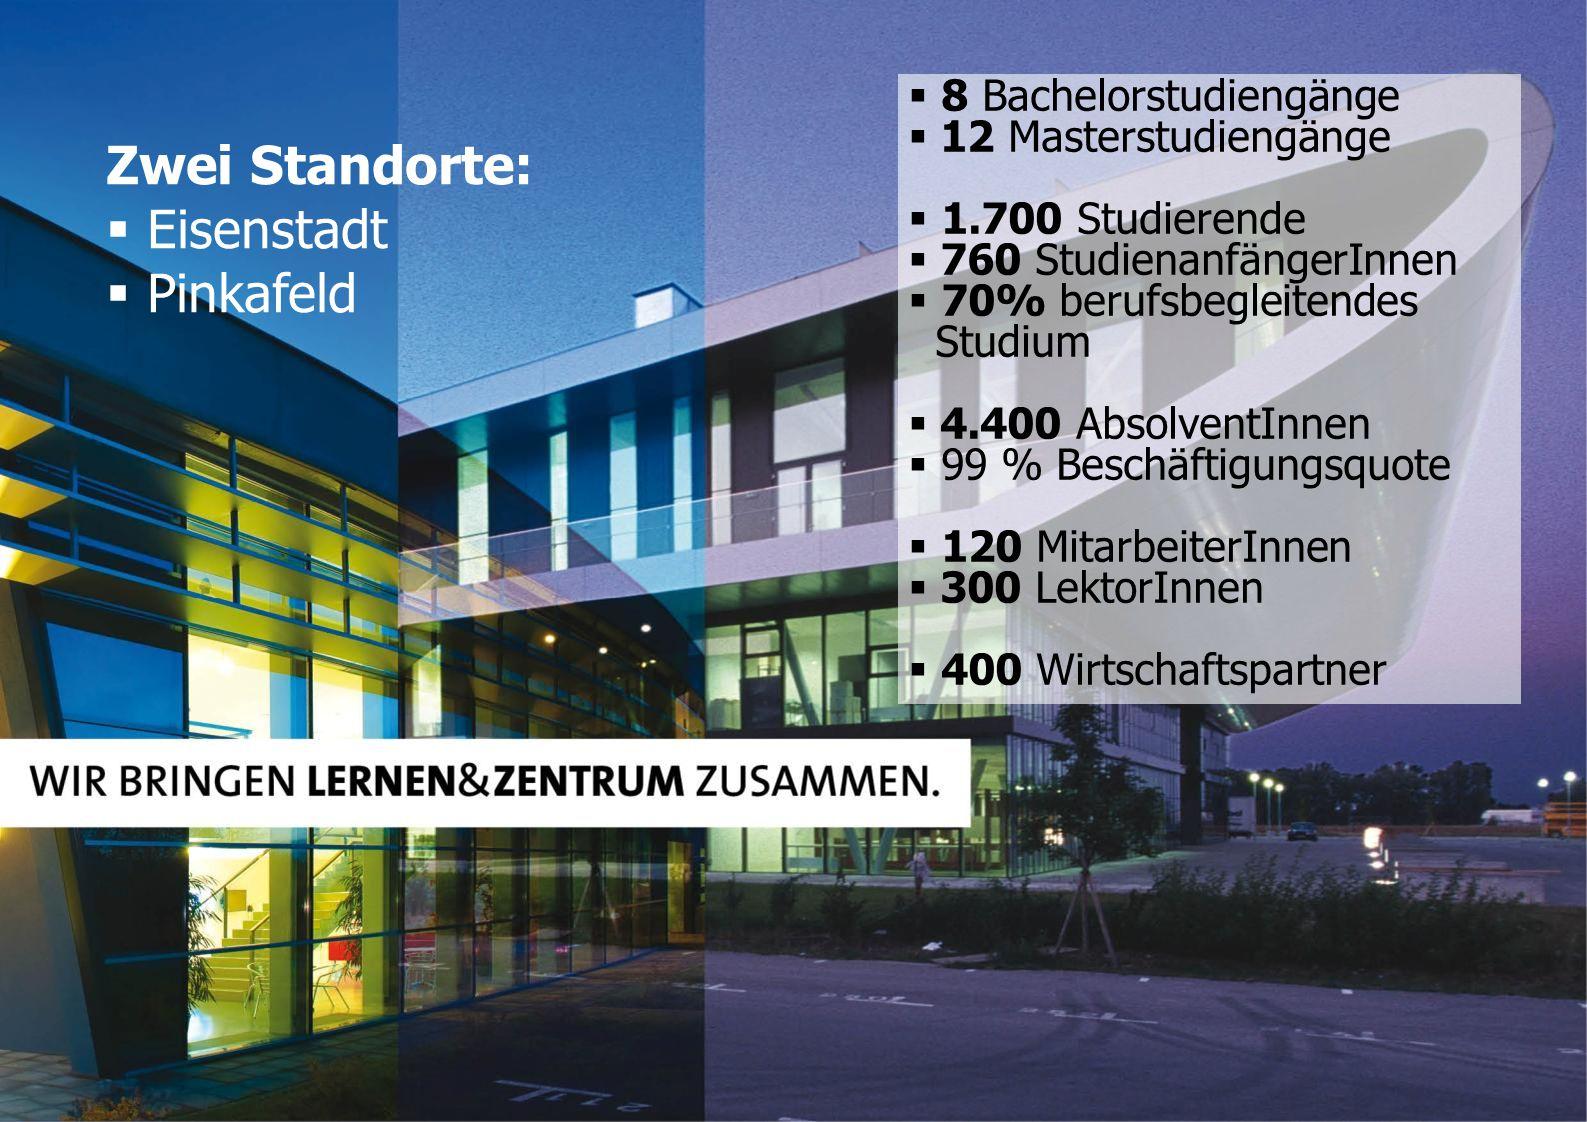 Zwei Standorte: Eisenstadt Pinkafeld 8 Bachelorstudiengänge